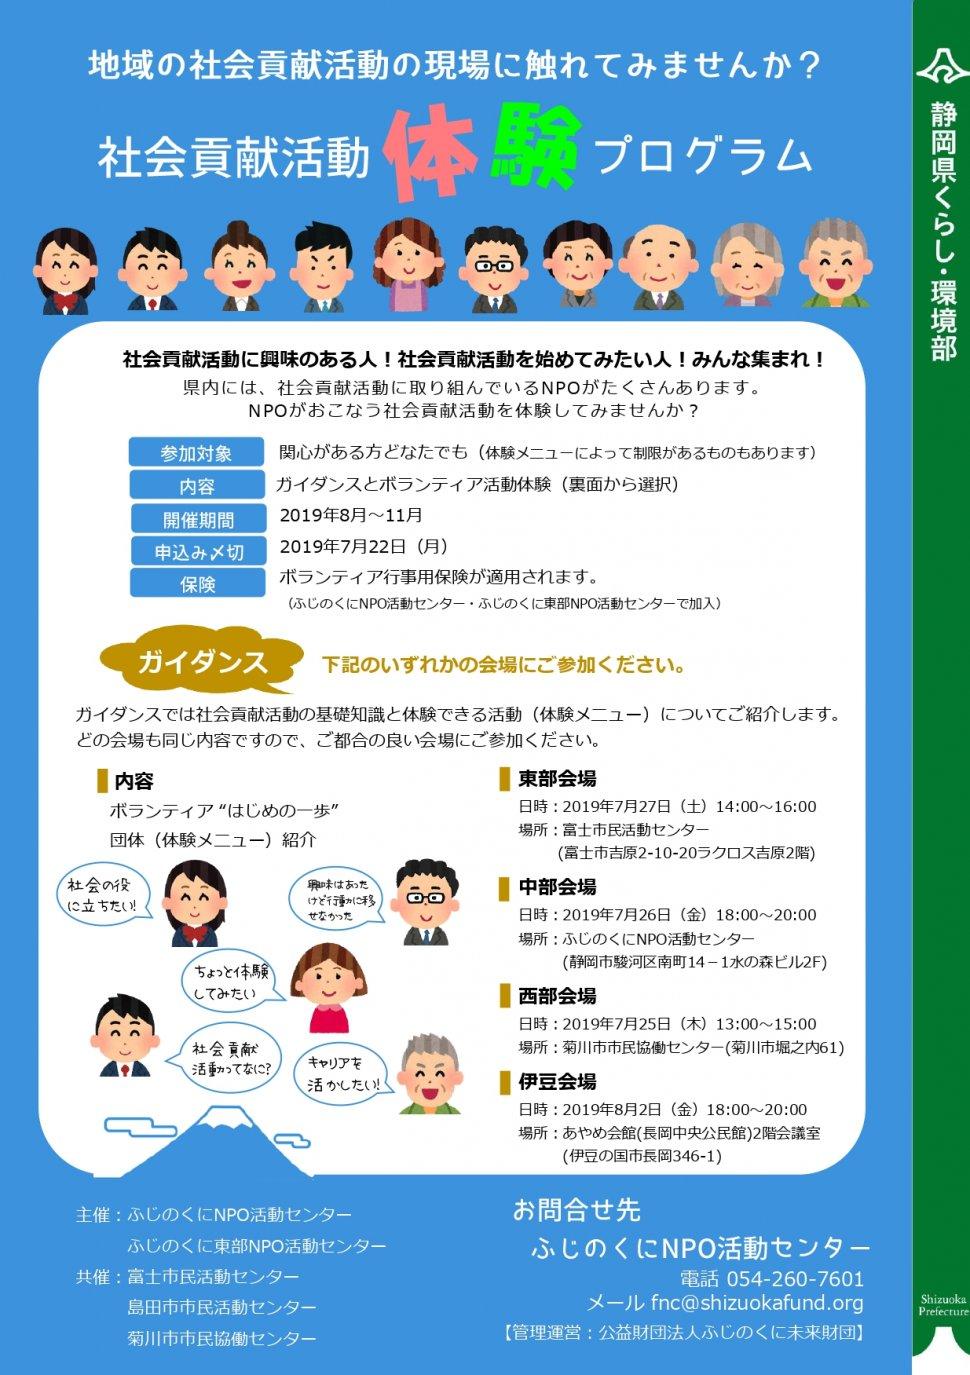 社会貢献活動体験プログラムちらしpage1